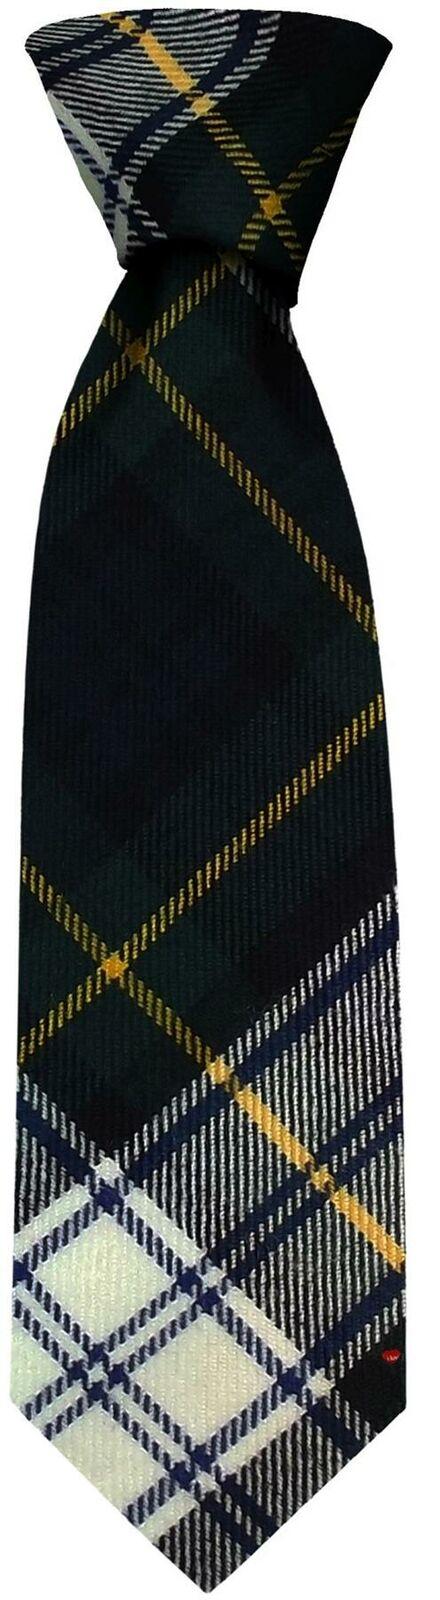 Clan Corbata Gordon Vestido Moderno tartán escocés hecho a Mano Corbata De Lana Pura